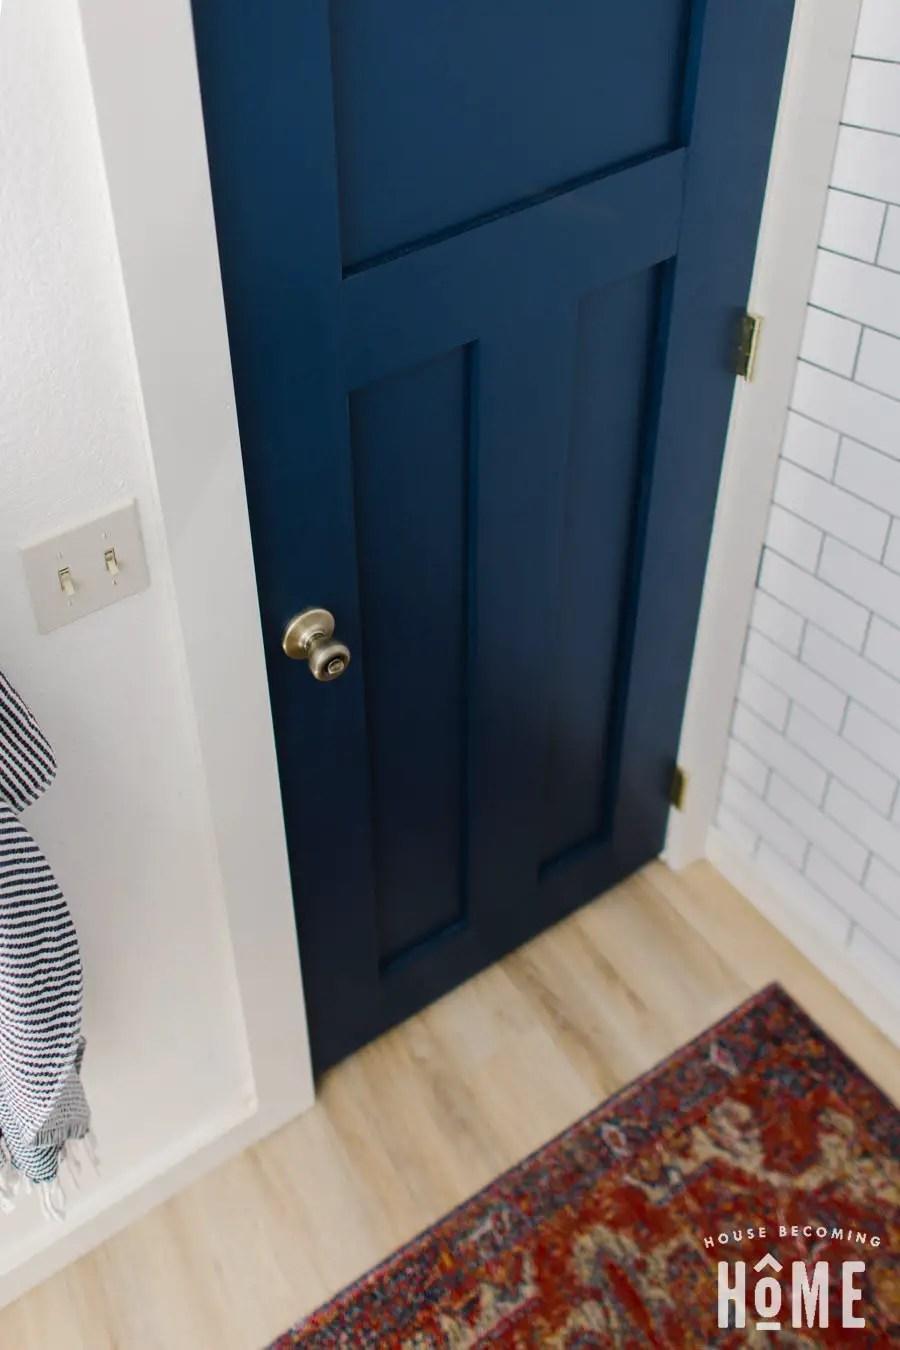 How To Make a Door